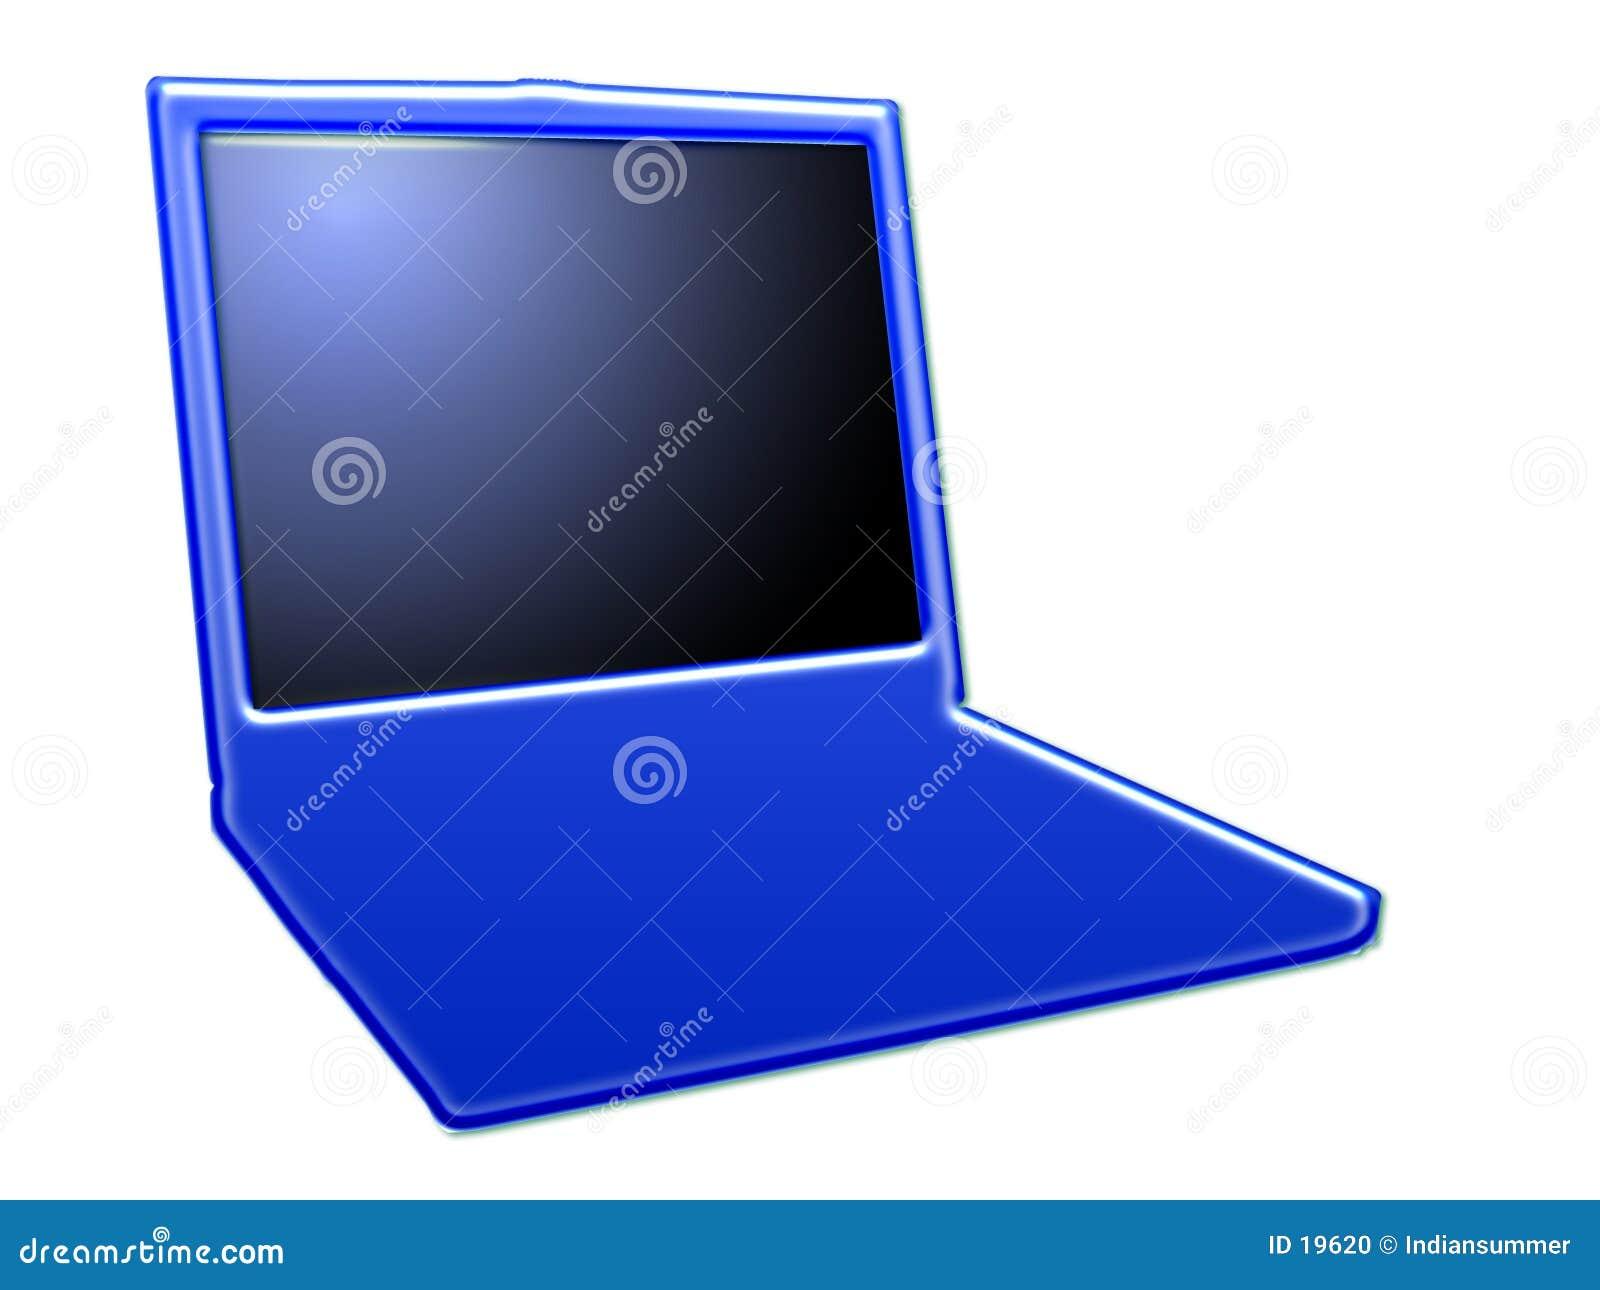 Stylized laptop, II